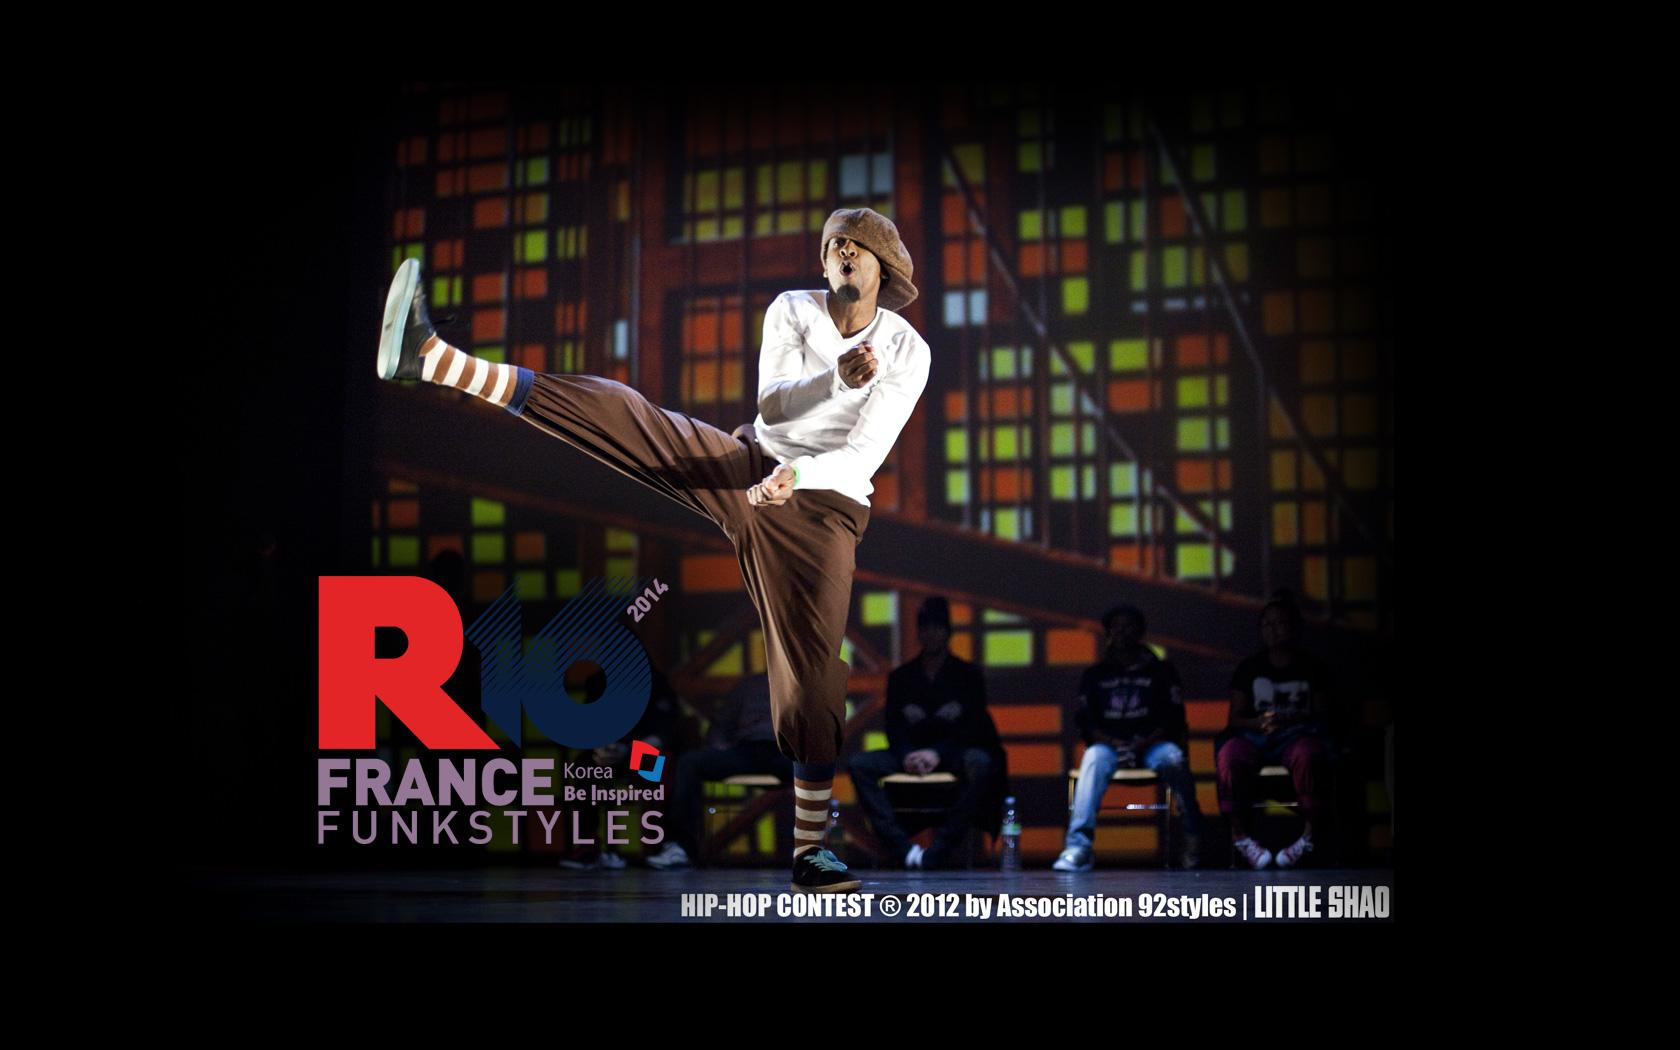 R16 France